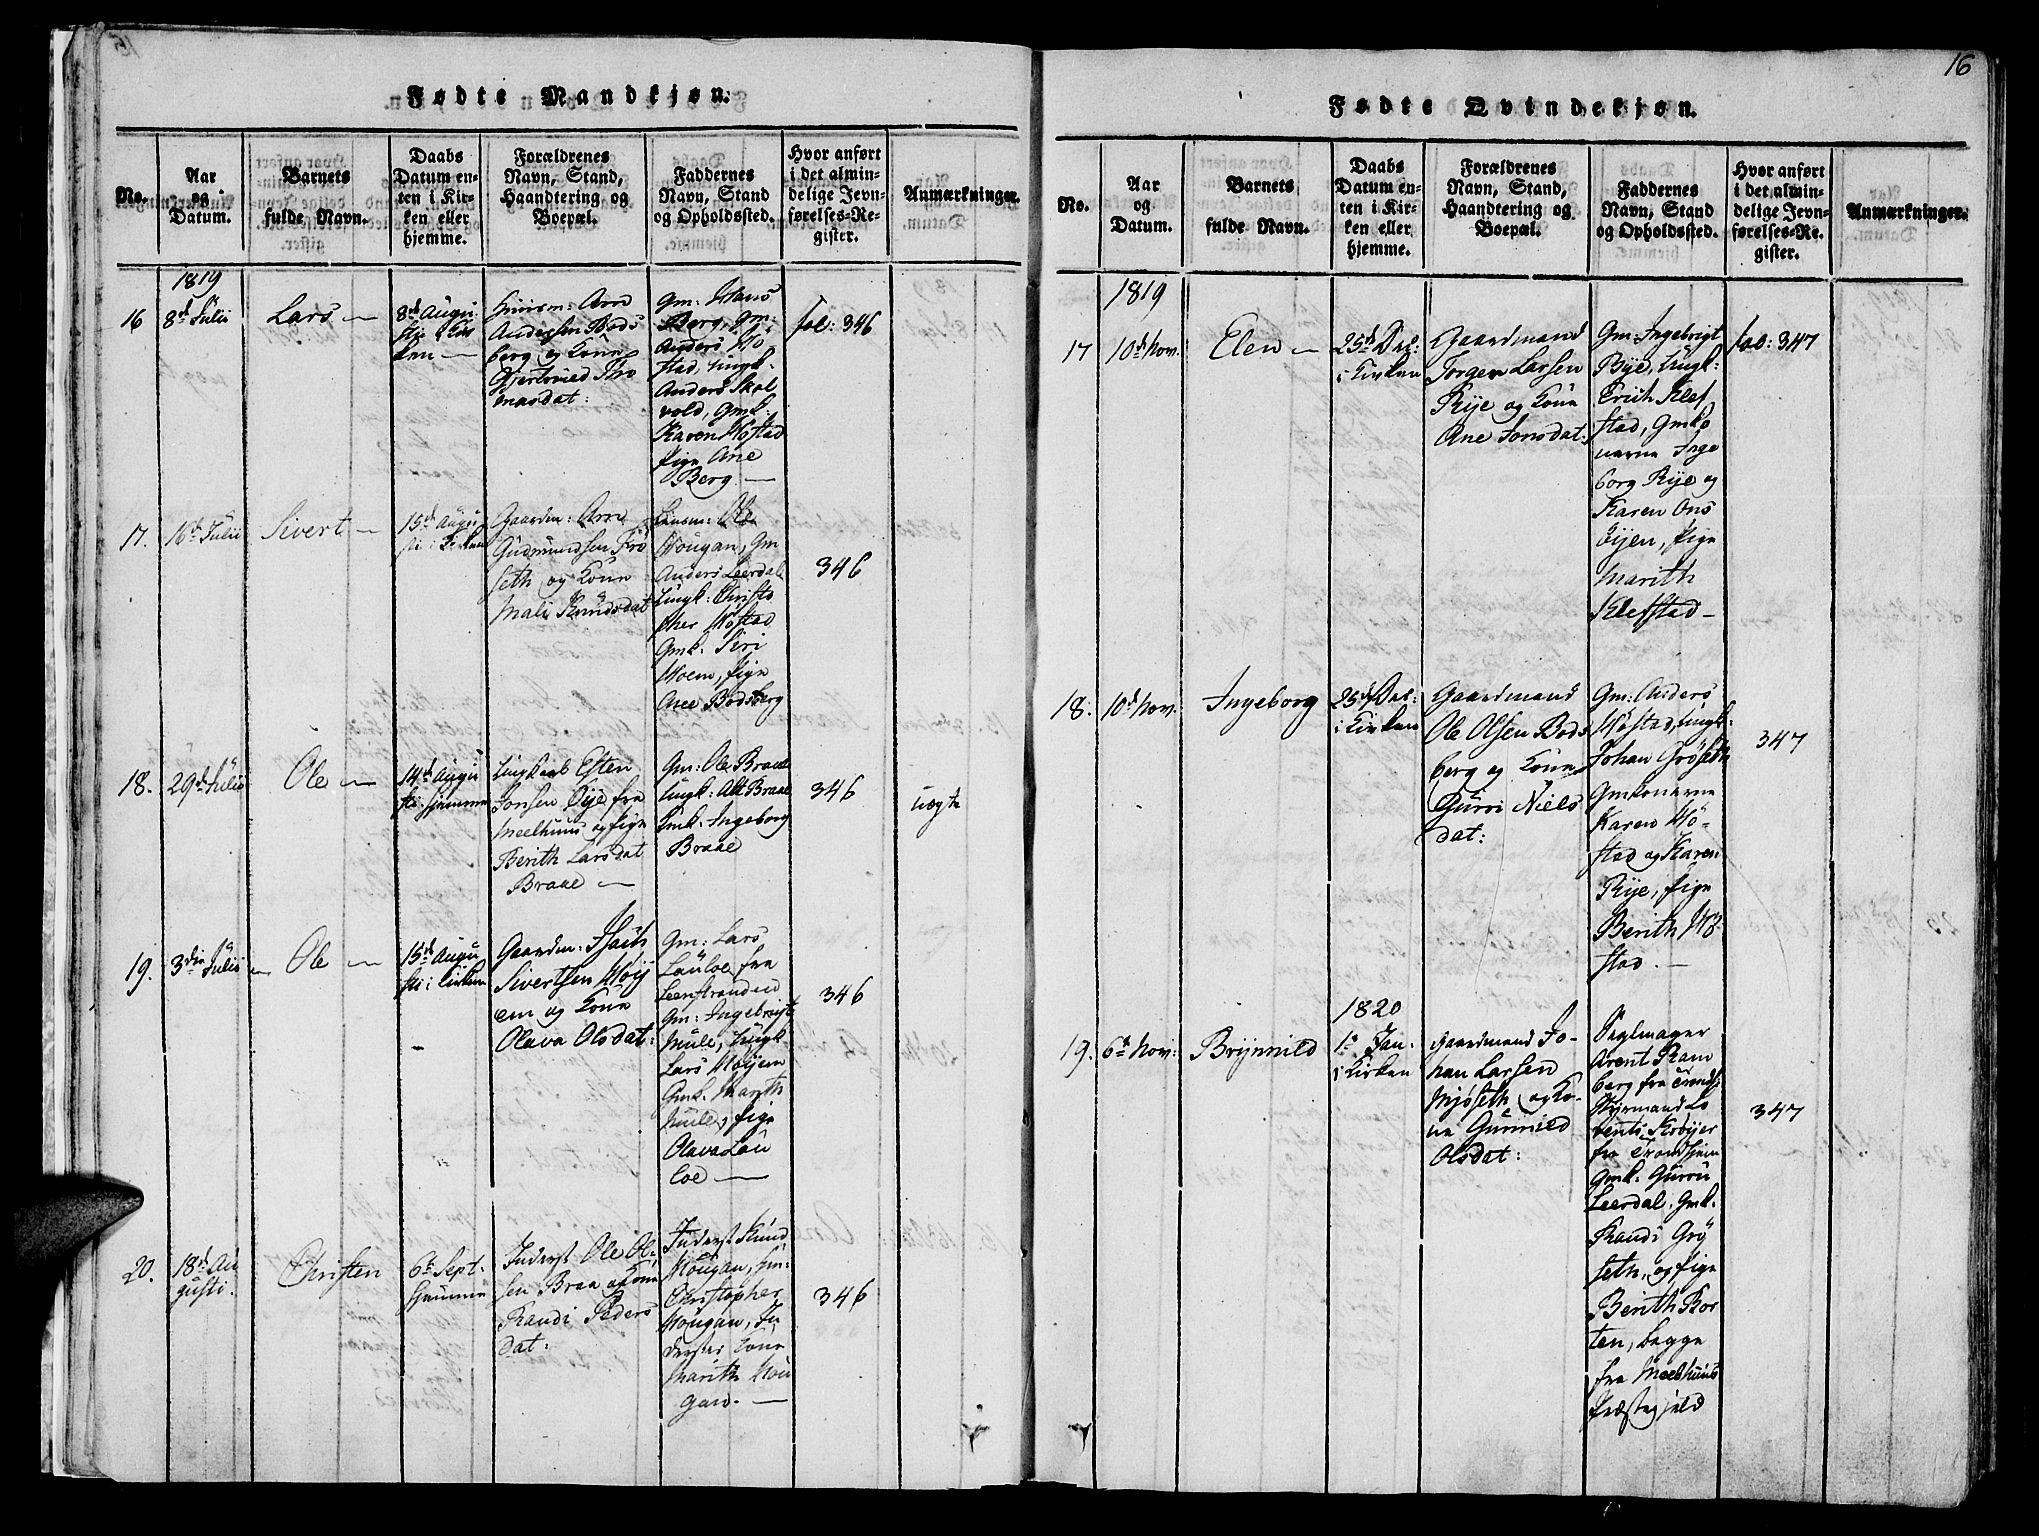 SAT, Ministerialprotokoller, klokkerbøker og fødselsregistre - Sør-Trøndelag, 612/L0372: Ministerialbok nr. 612A06 /1, 1816-1828, s. 16